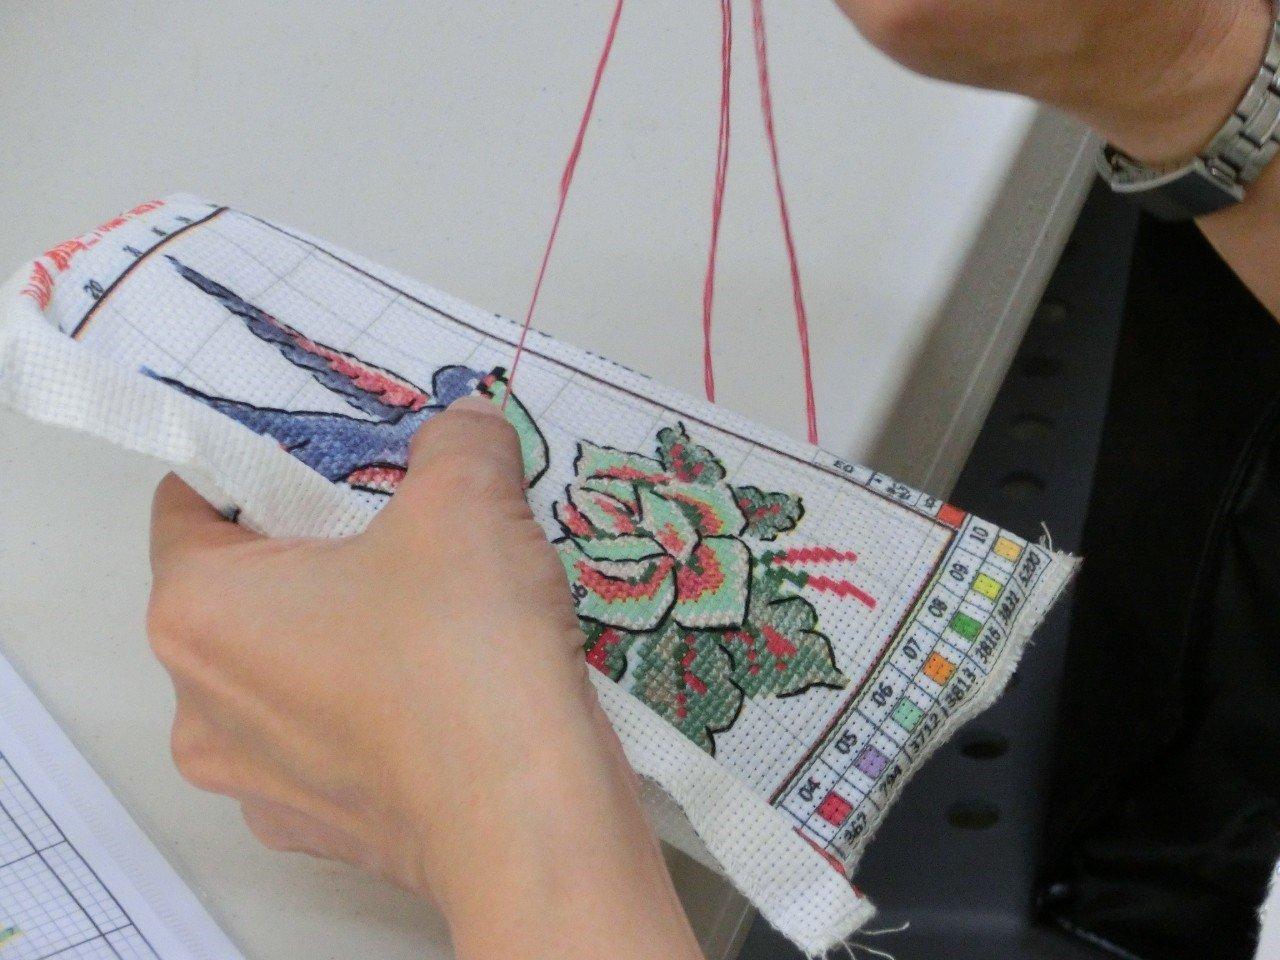 十字繡是一種歷史悠久的繡法,以一連串交叉十字,在布面上交織成色彩豐富鮮豔的花紋圖...